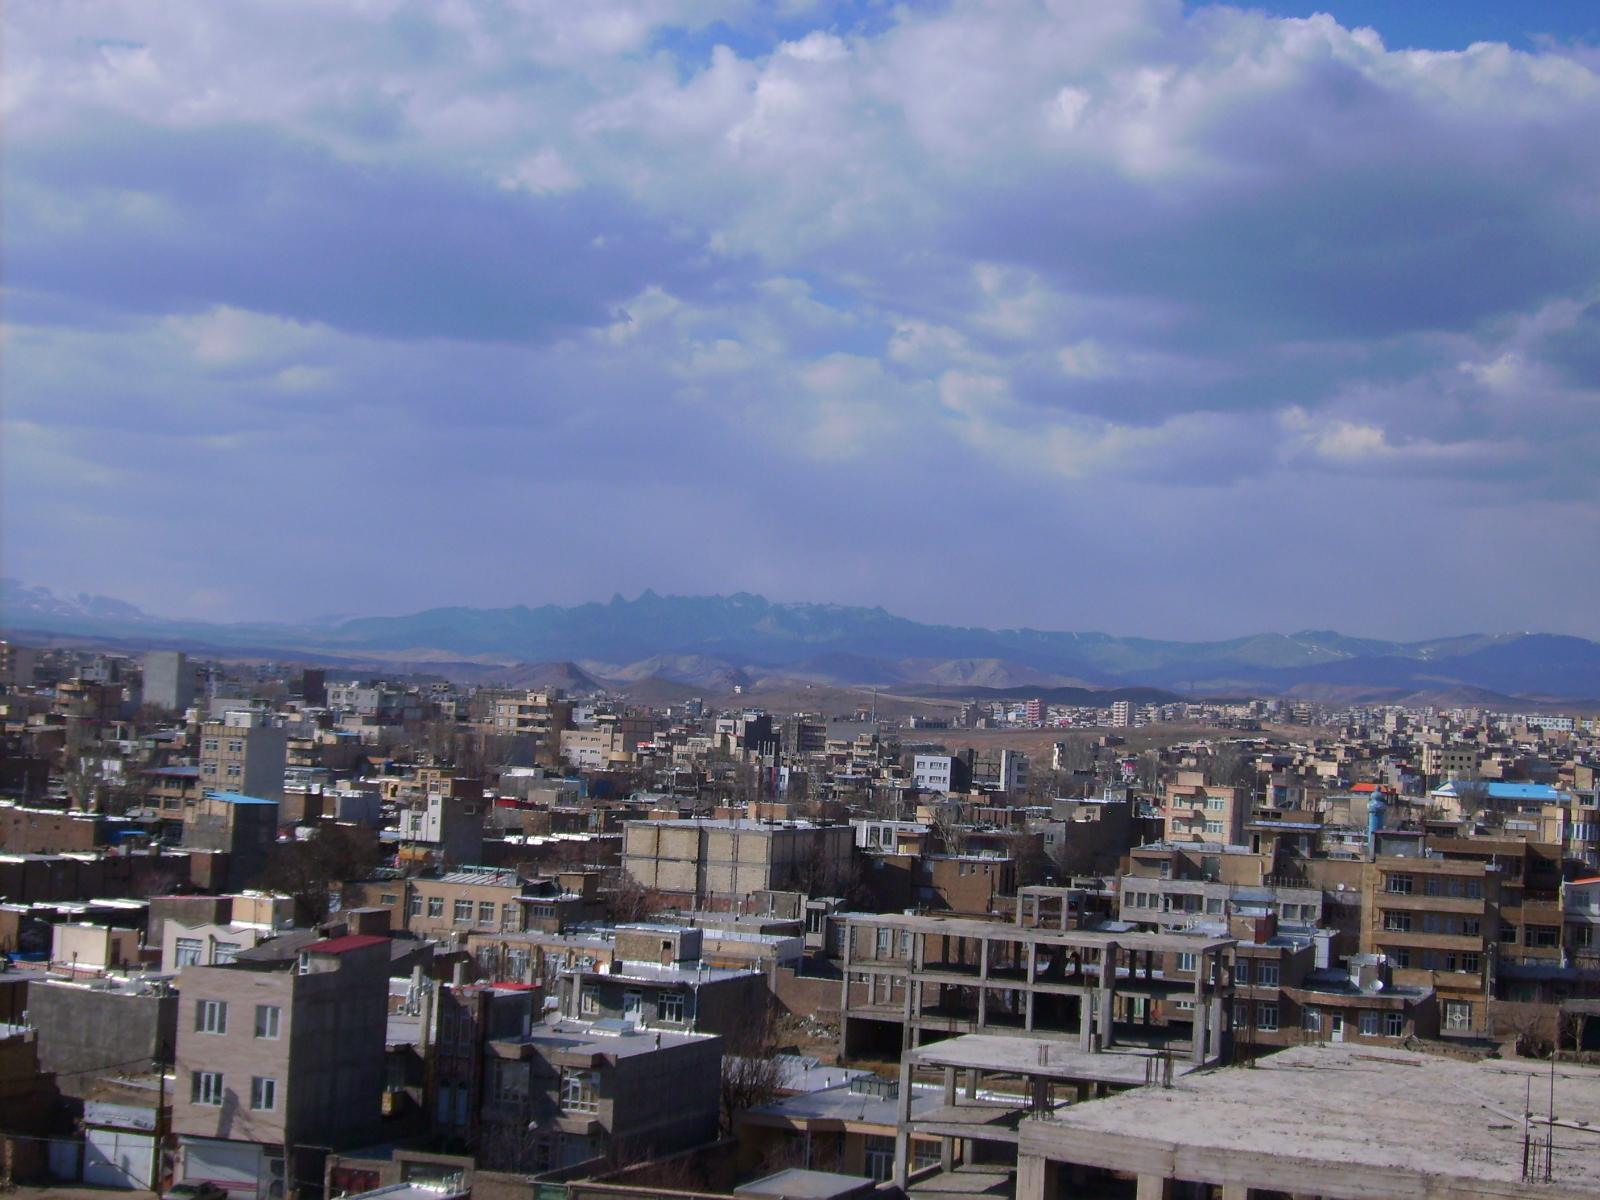 http://aharimiz.arzublog.com/uploads/aharimiz/PICT0128.JPG